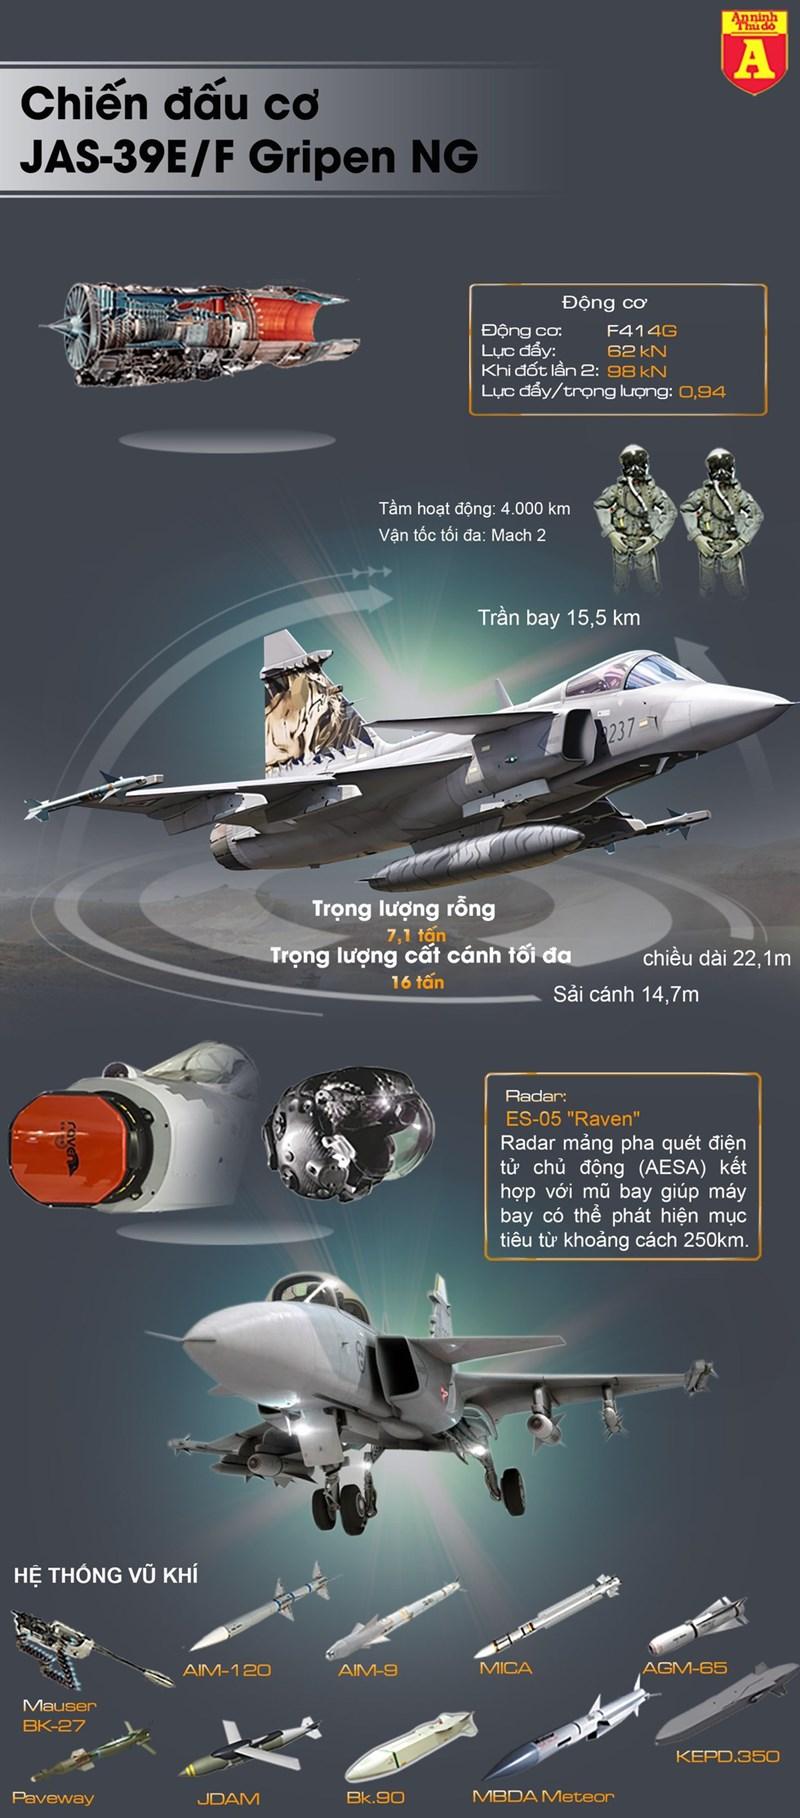 [Infographics] Đối thủ của Su-35S Nga tại châu Âu đã chính thức đi vào biên chế - Ảnh 1